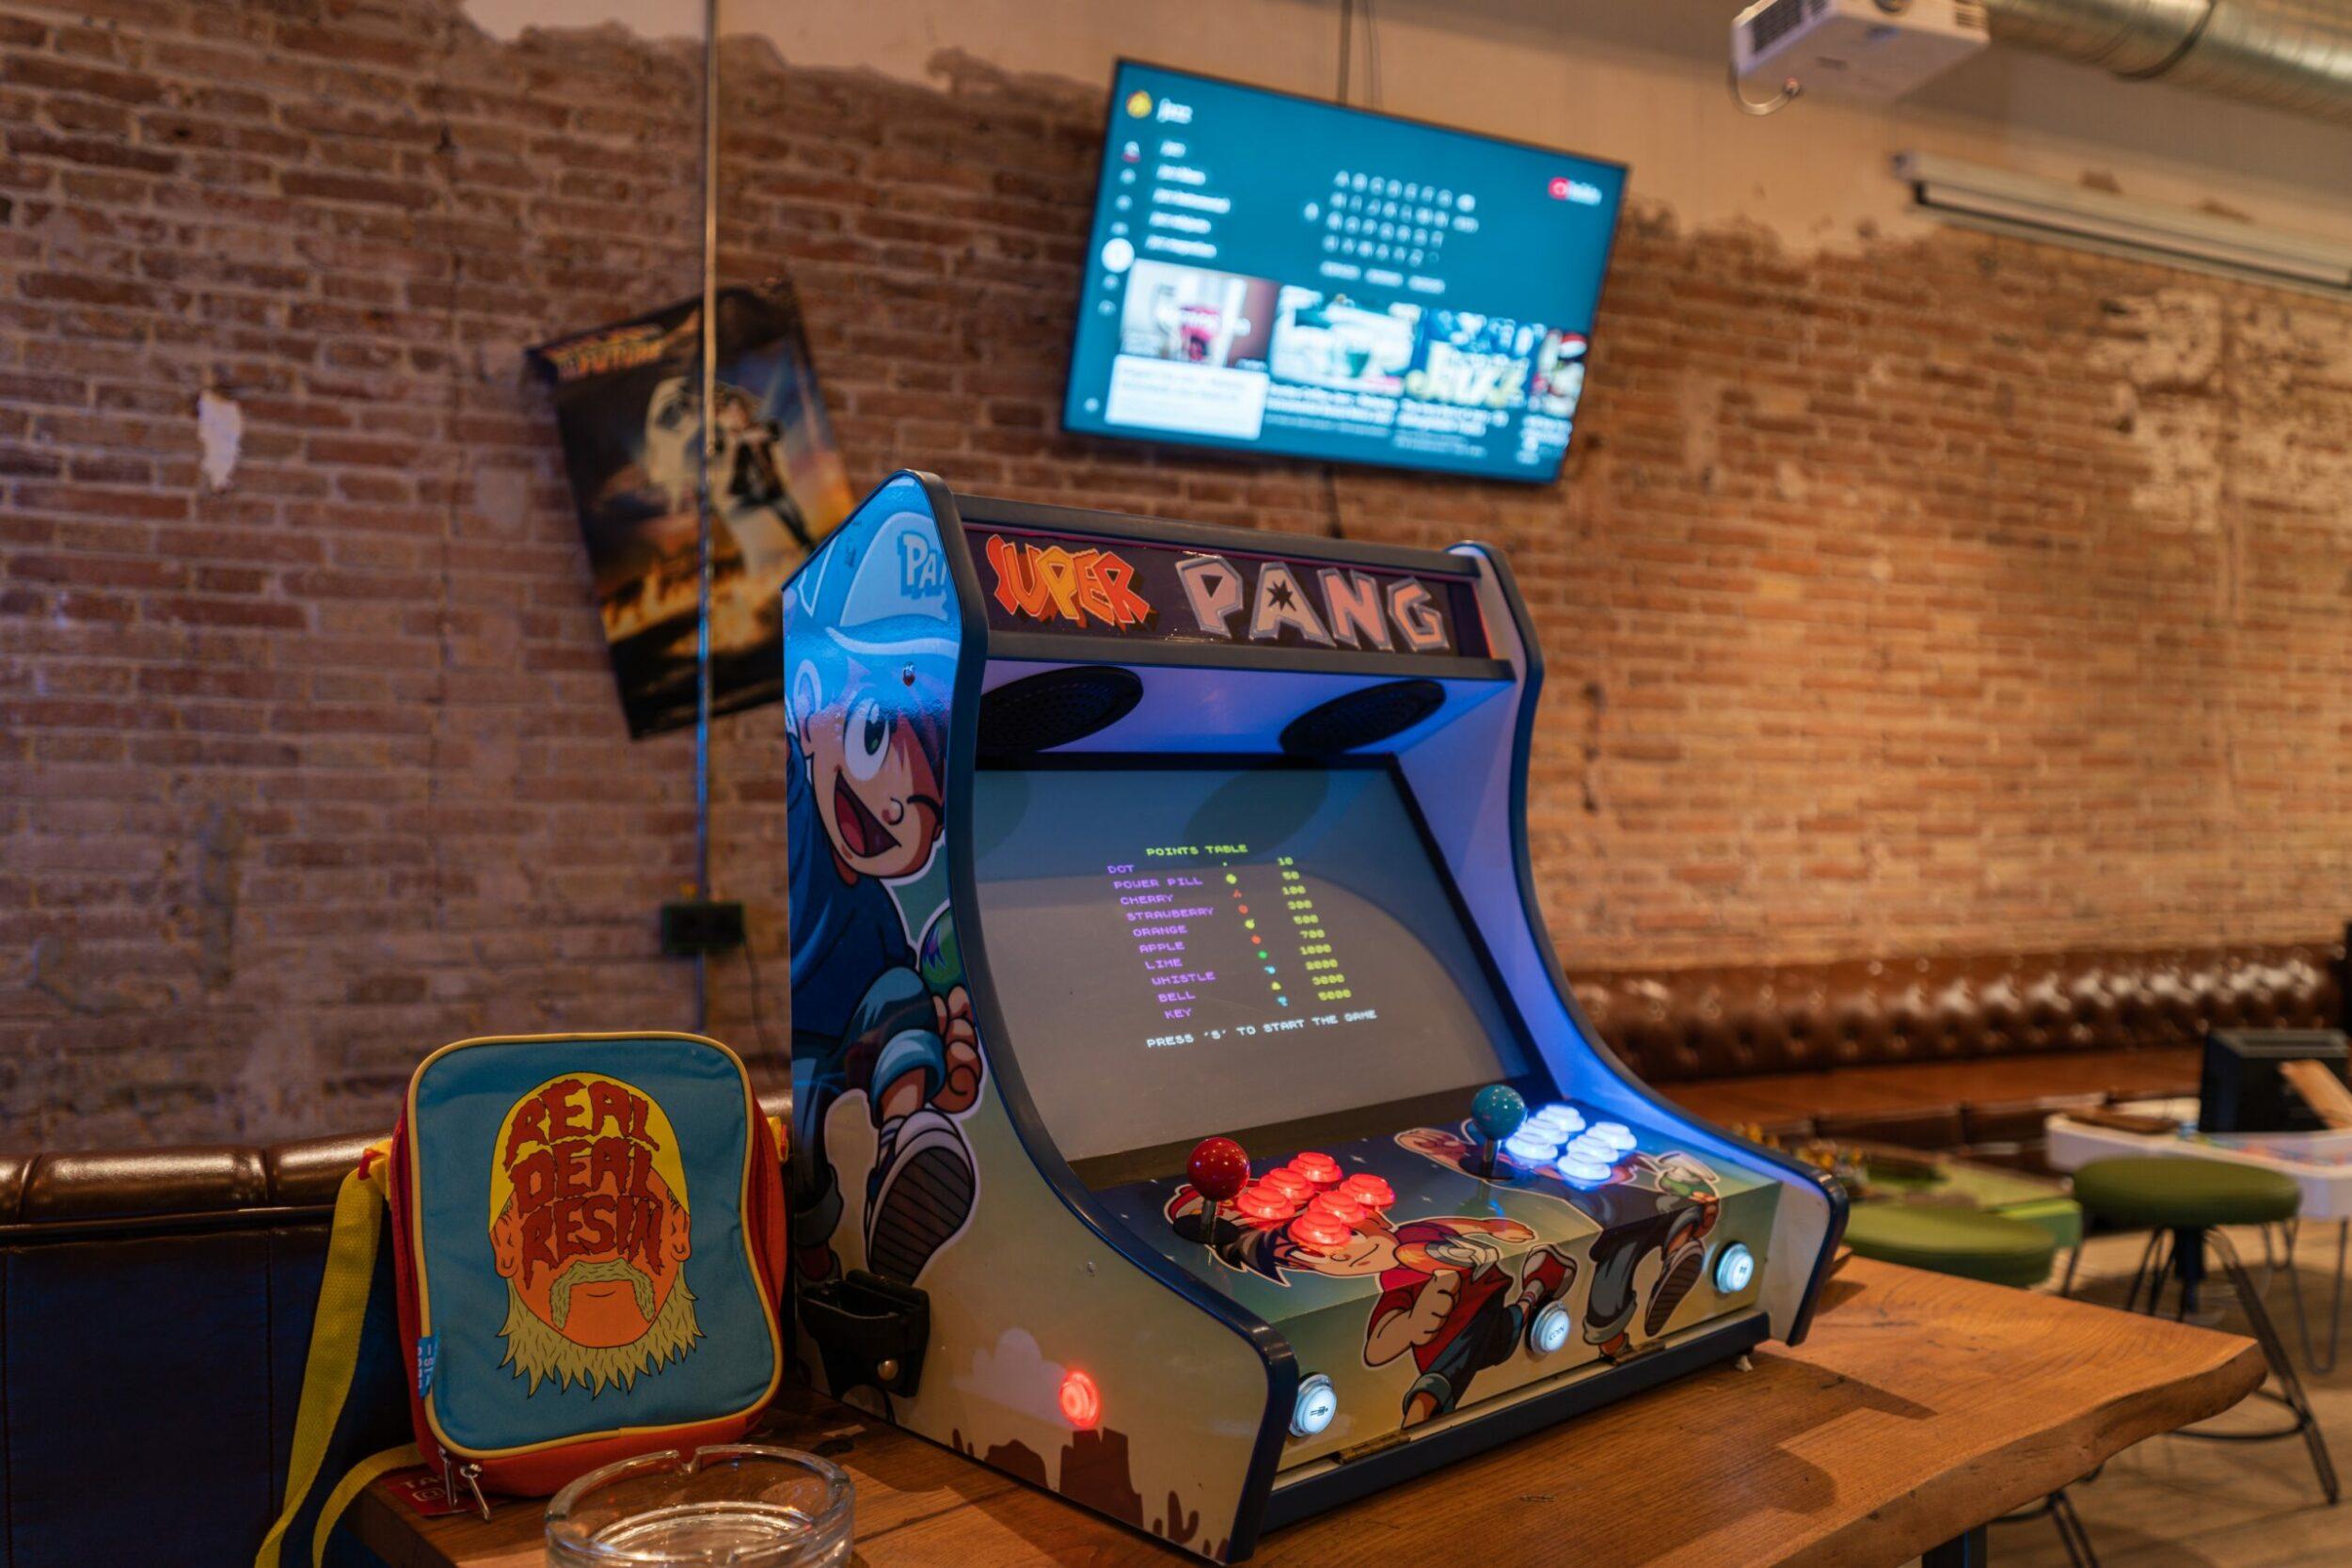 slot machine in the cannabis club